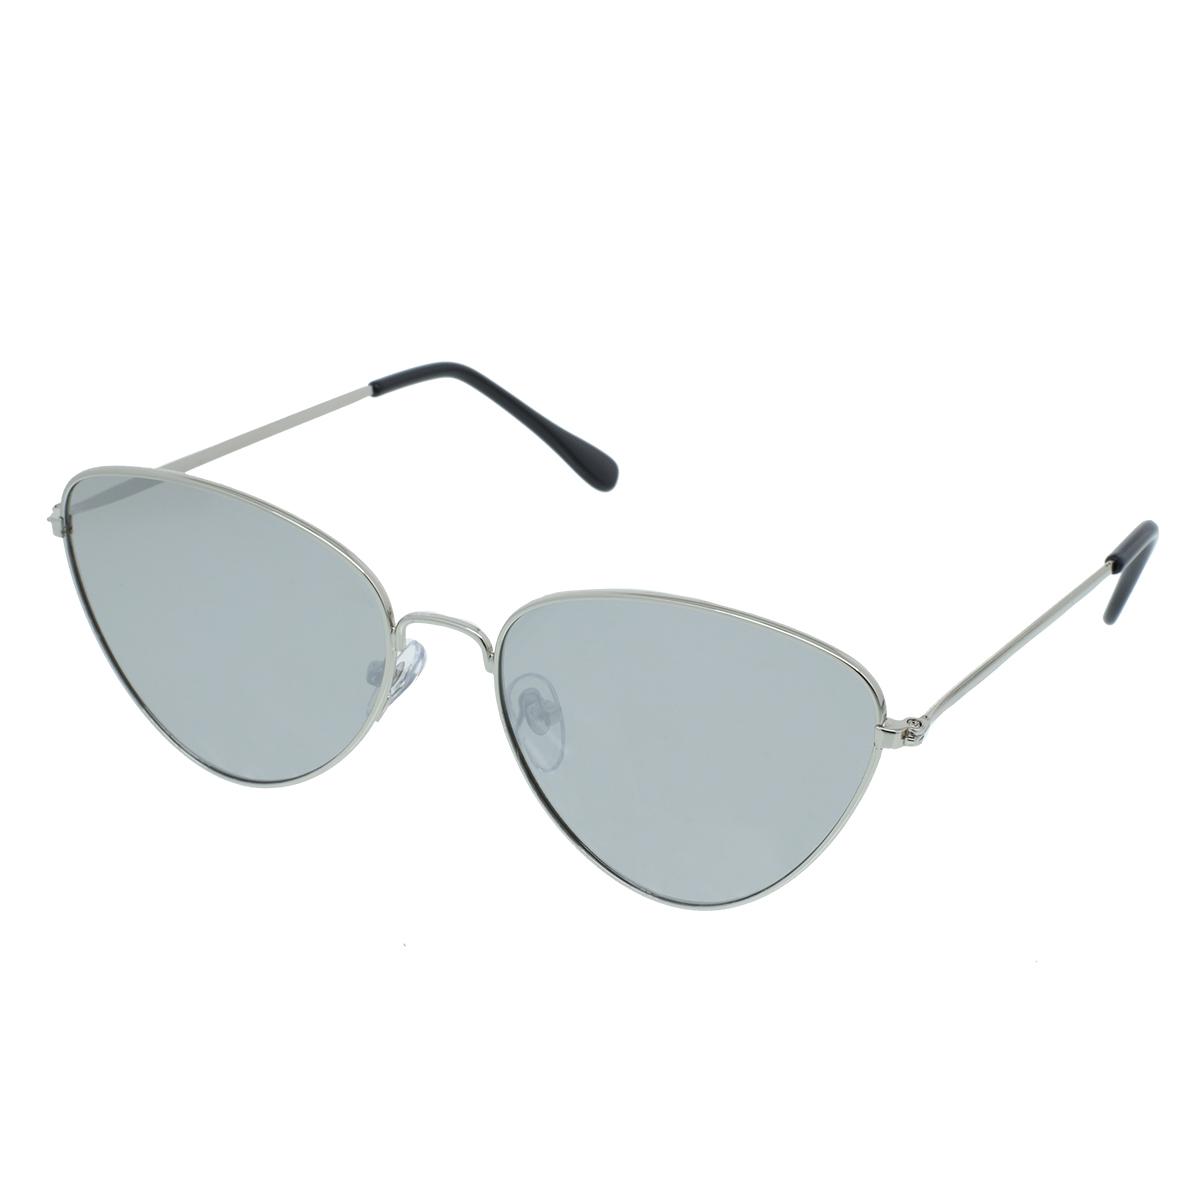 ecf4cc0b6 ... Slnečné okuliare pilotky Favour strieborné rámy strieborné sklá. -26%.  Level ...